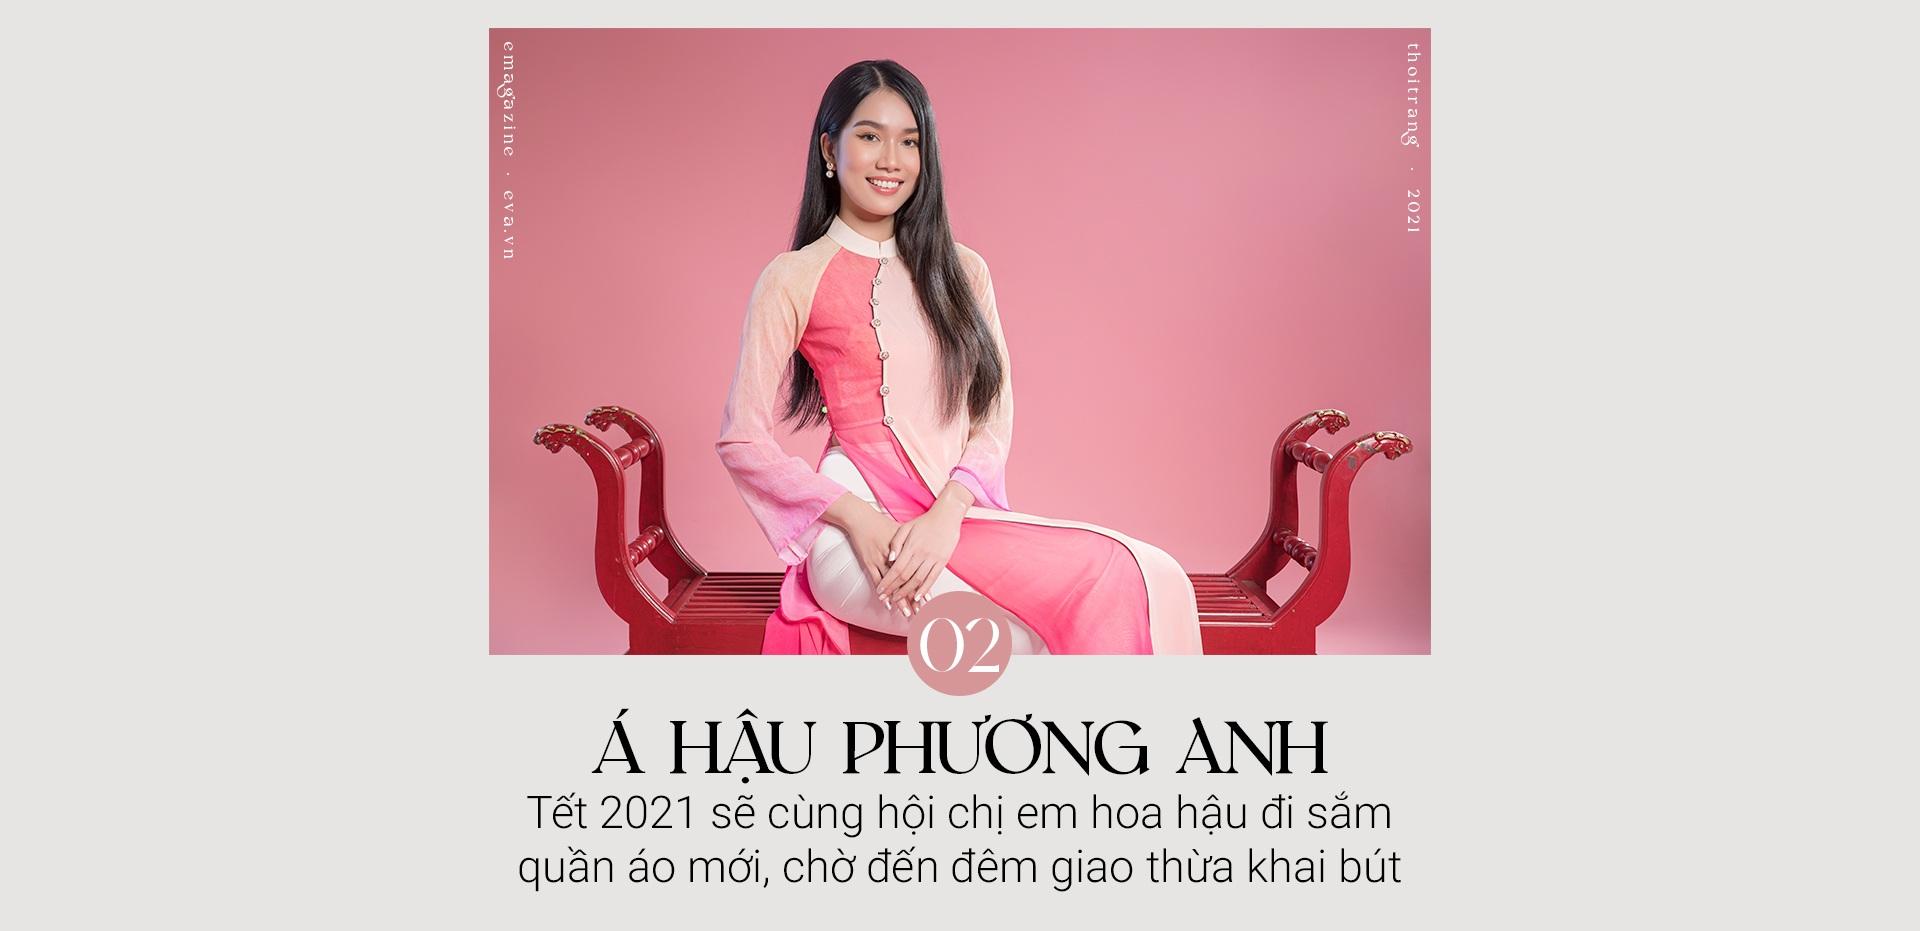 Gặp gỡ top 3 Hoa Hậu Việt Nam ngày đầu năm: Nhan sắc rực rỡ hơn hoa mùa Xuân - 10